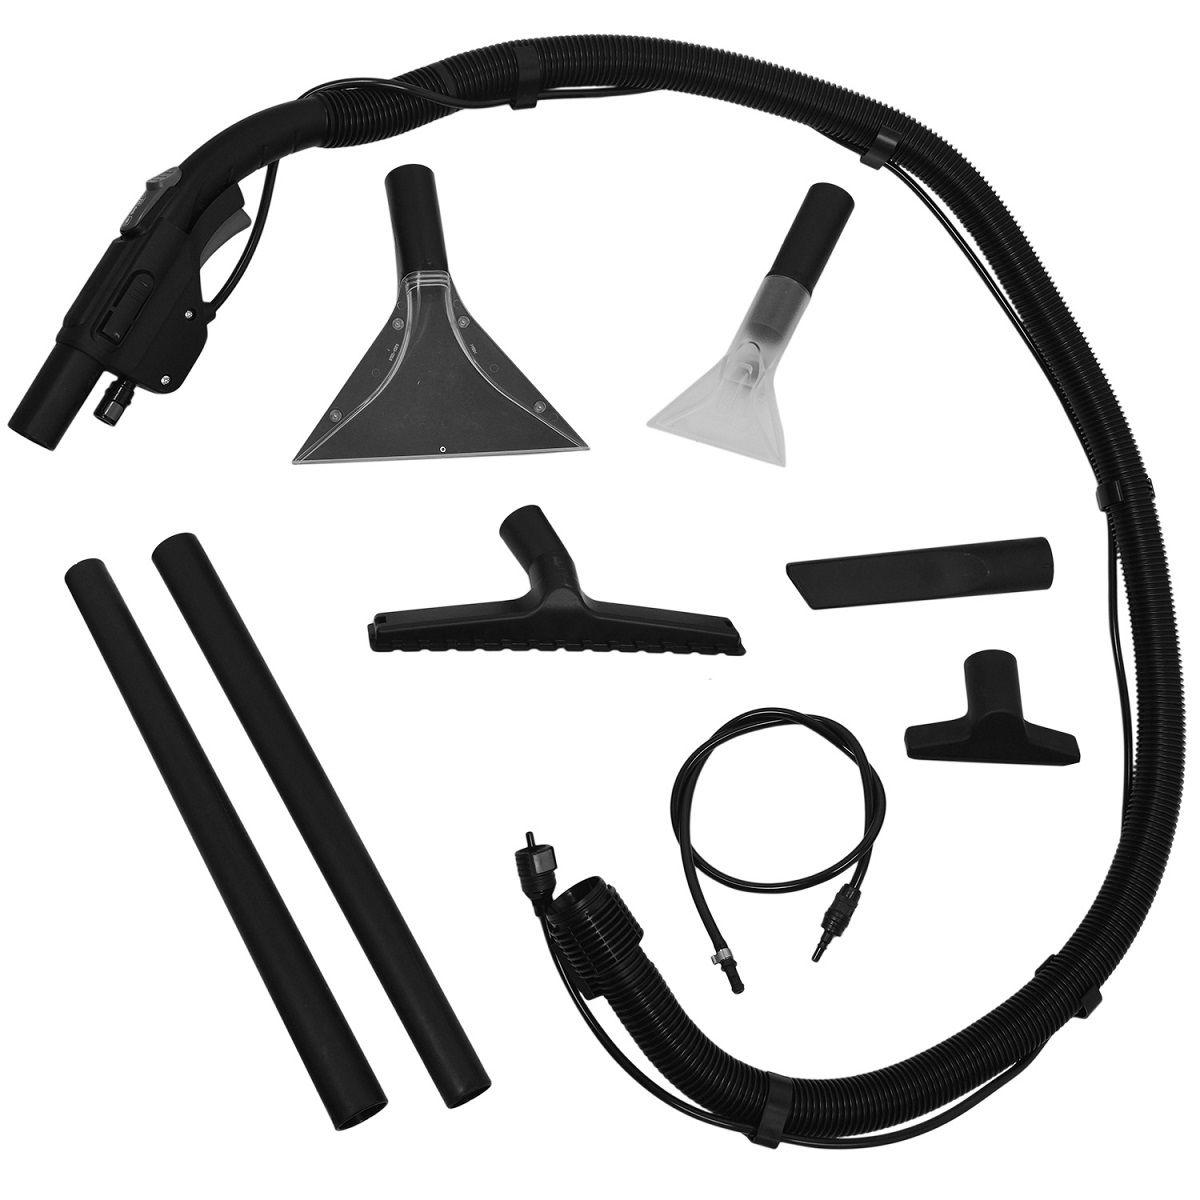 Extratora para Limpeza de Carpetes e Estofados SE 4001 - Karcher